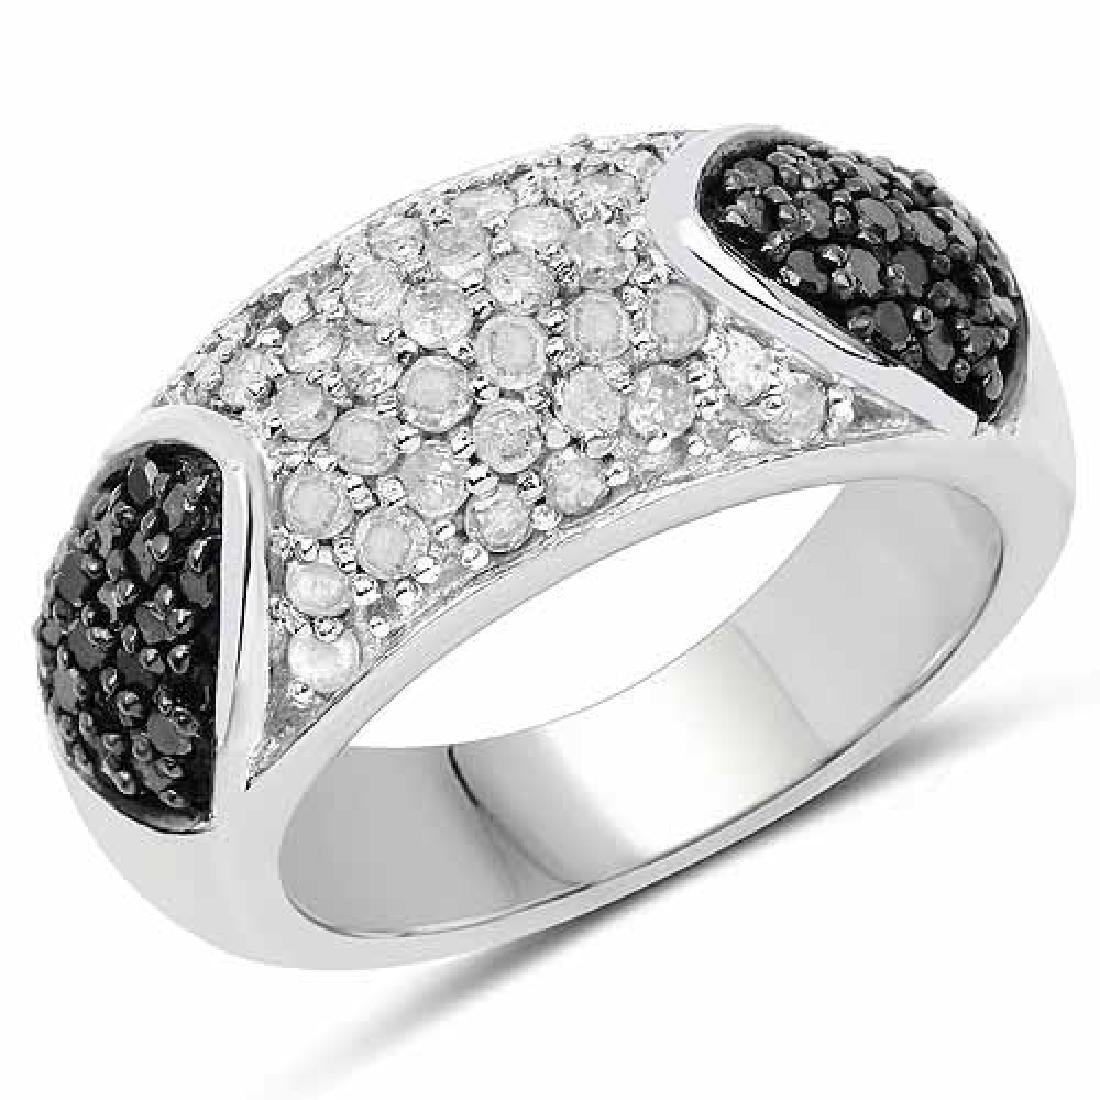 0.99 Carat Genuine Black Diamond and White Diamond .925